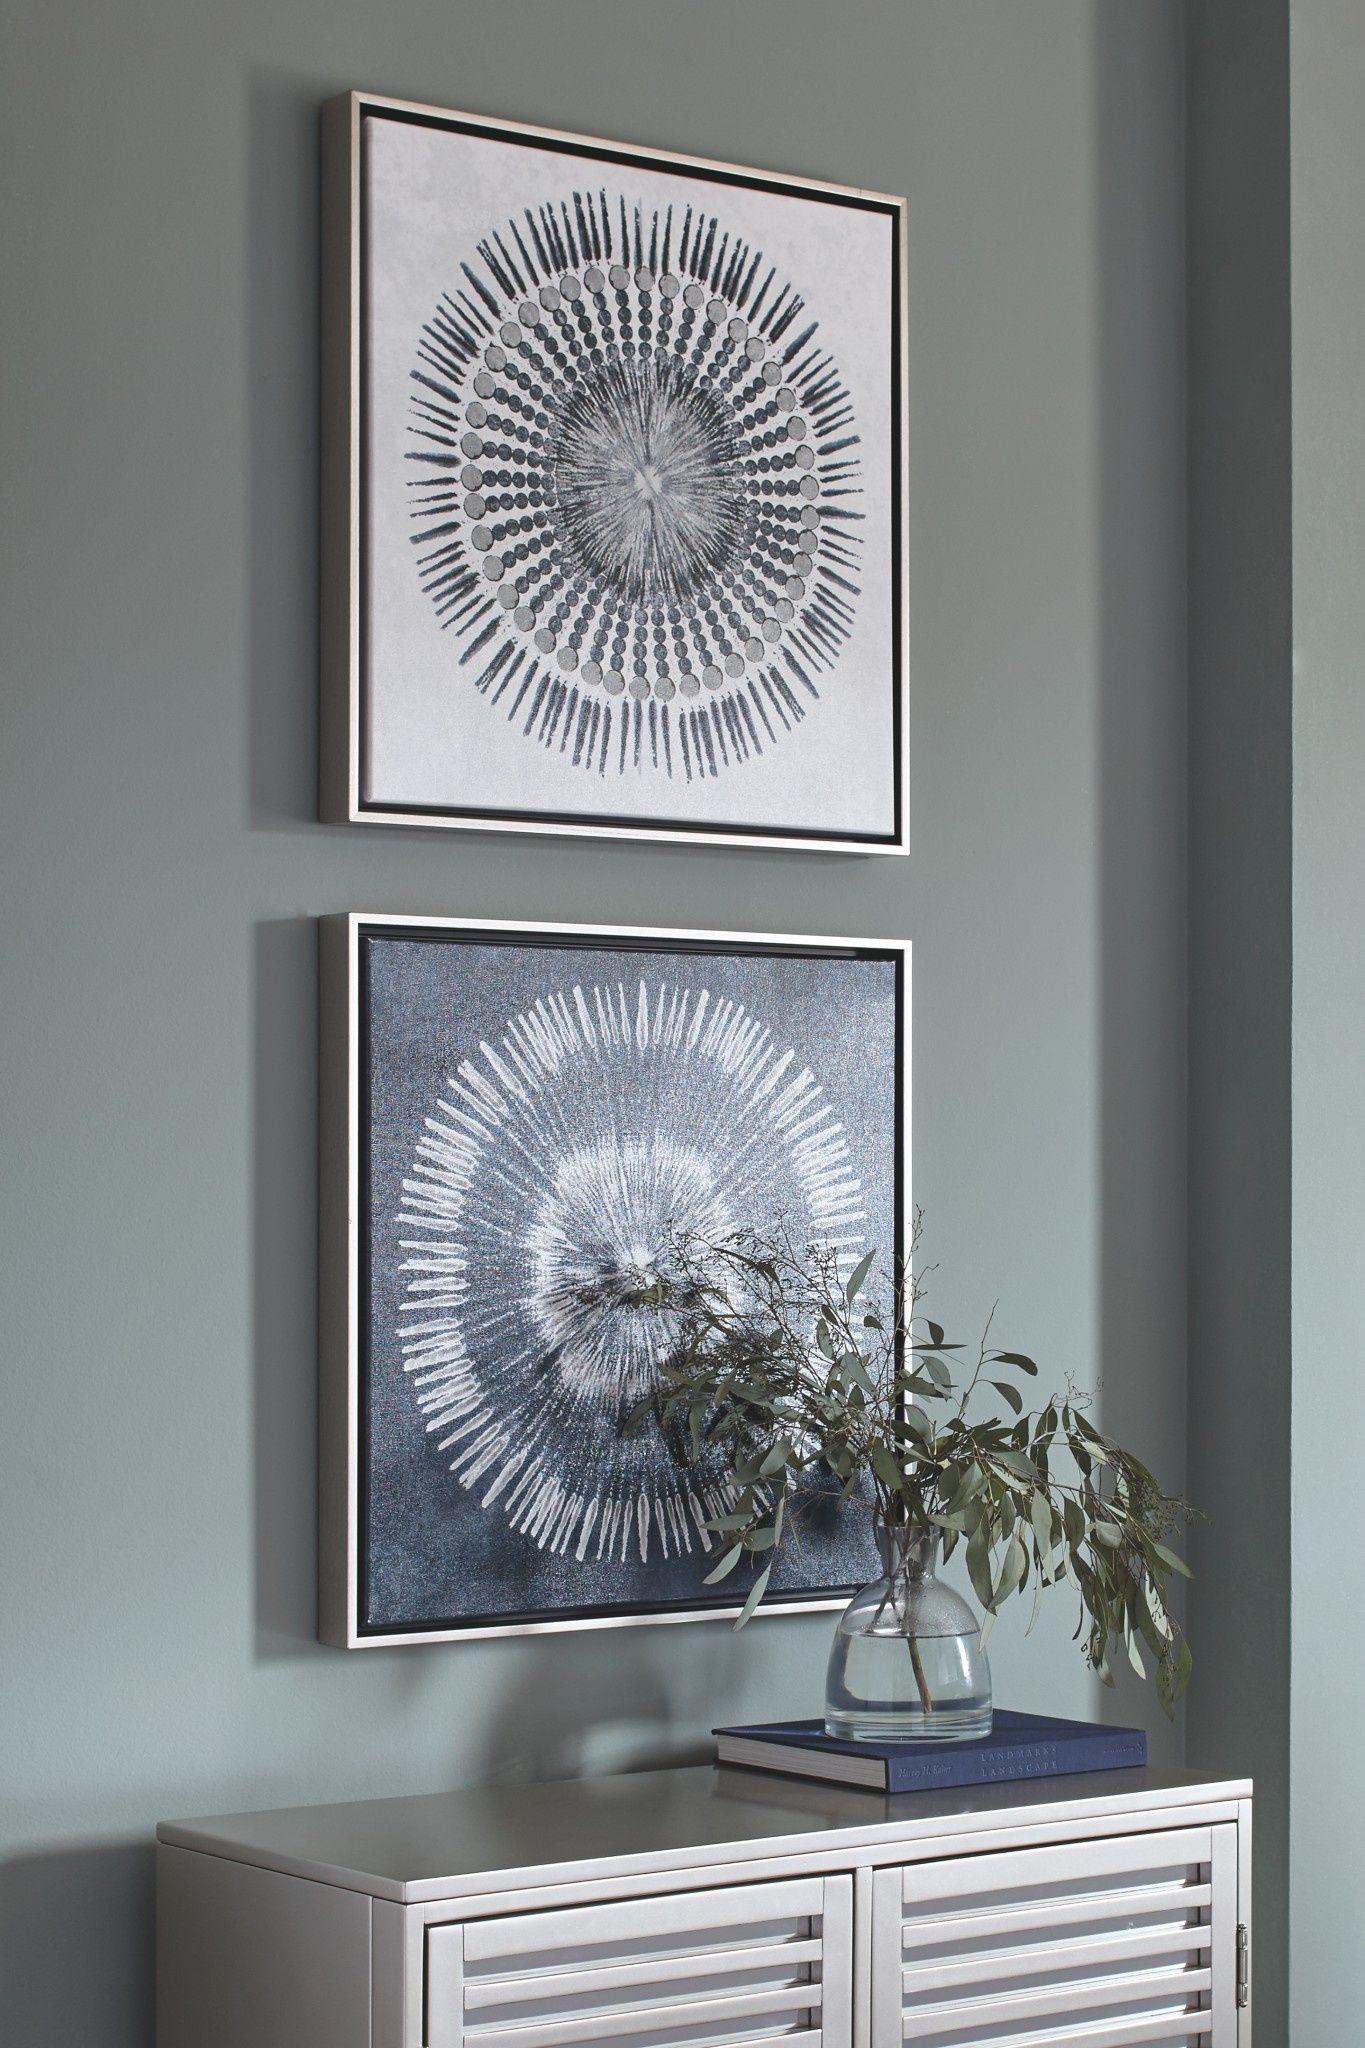 Ashley A8000155 Wall Art Set Monterey Blue White Blue Wall Art Frames On Wall White Wall Art